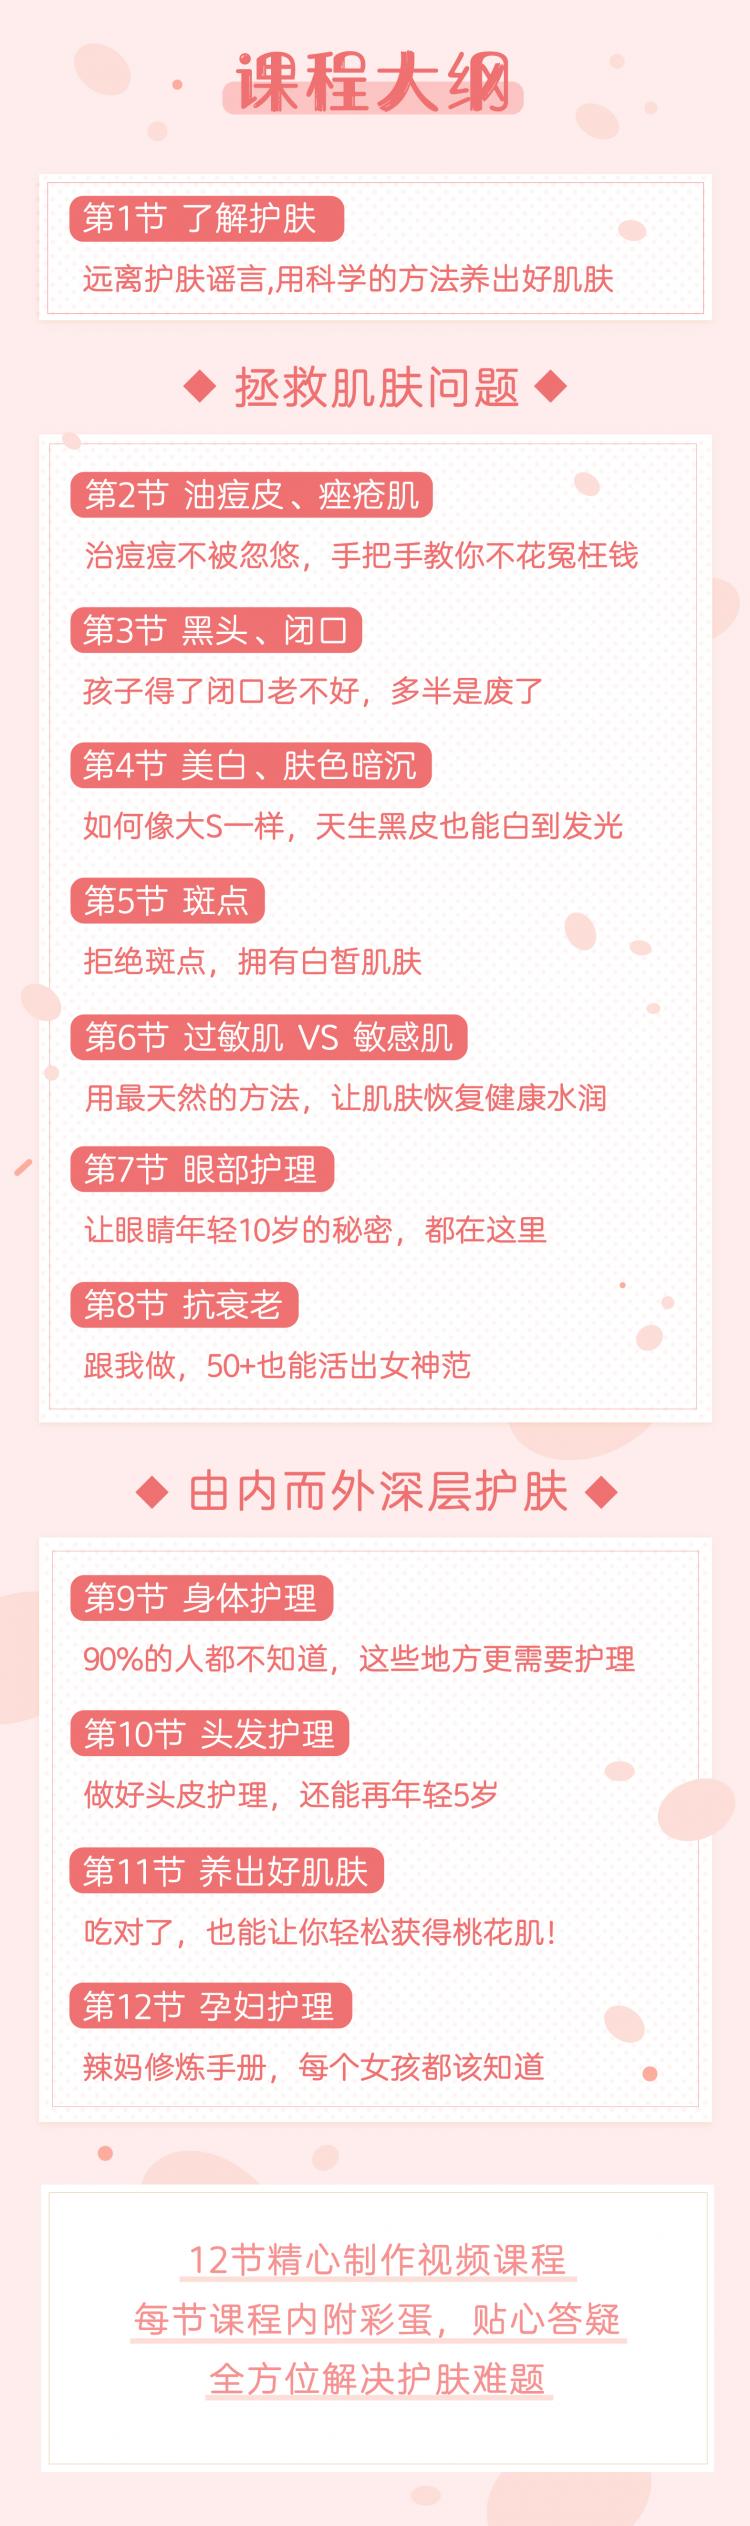 李慧伦护肤课-详情页2-05.jpg